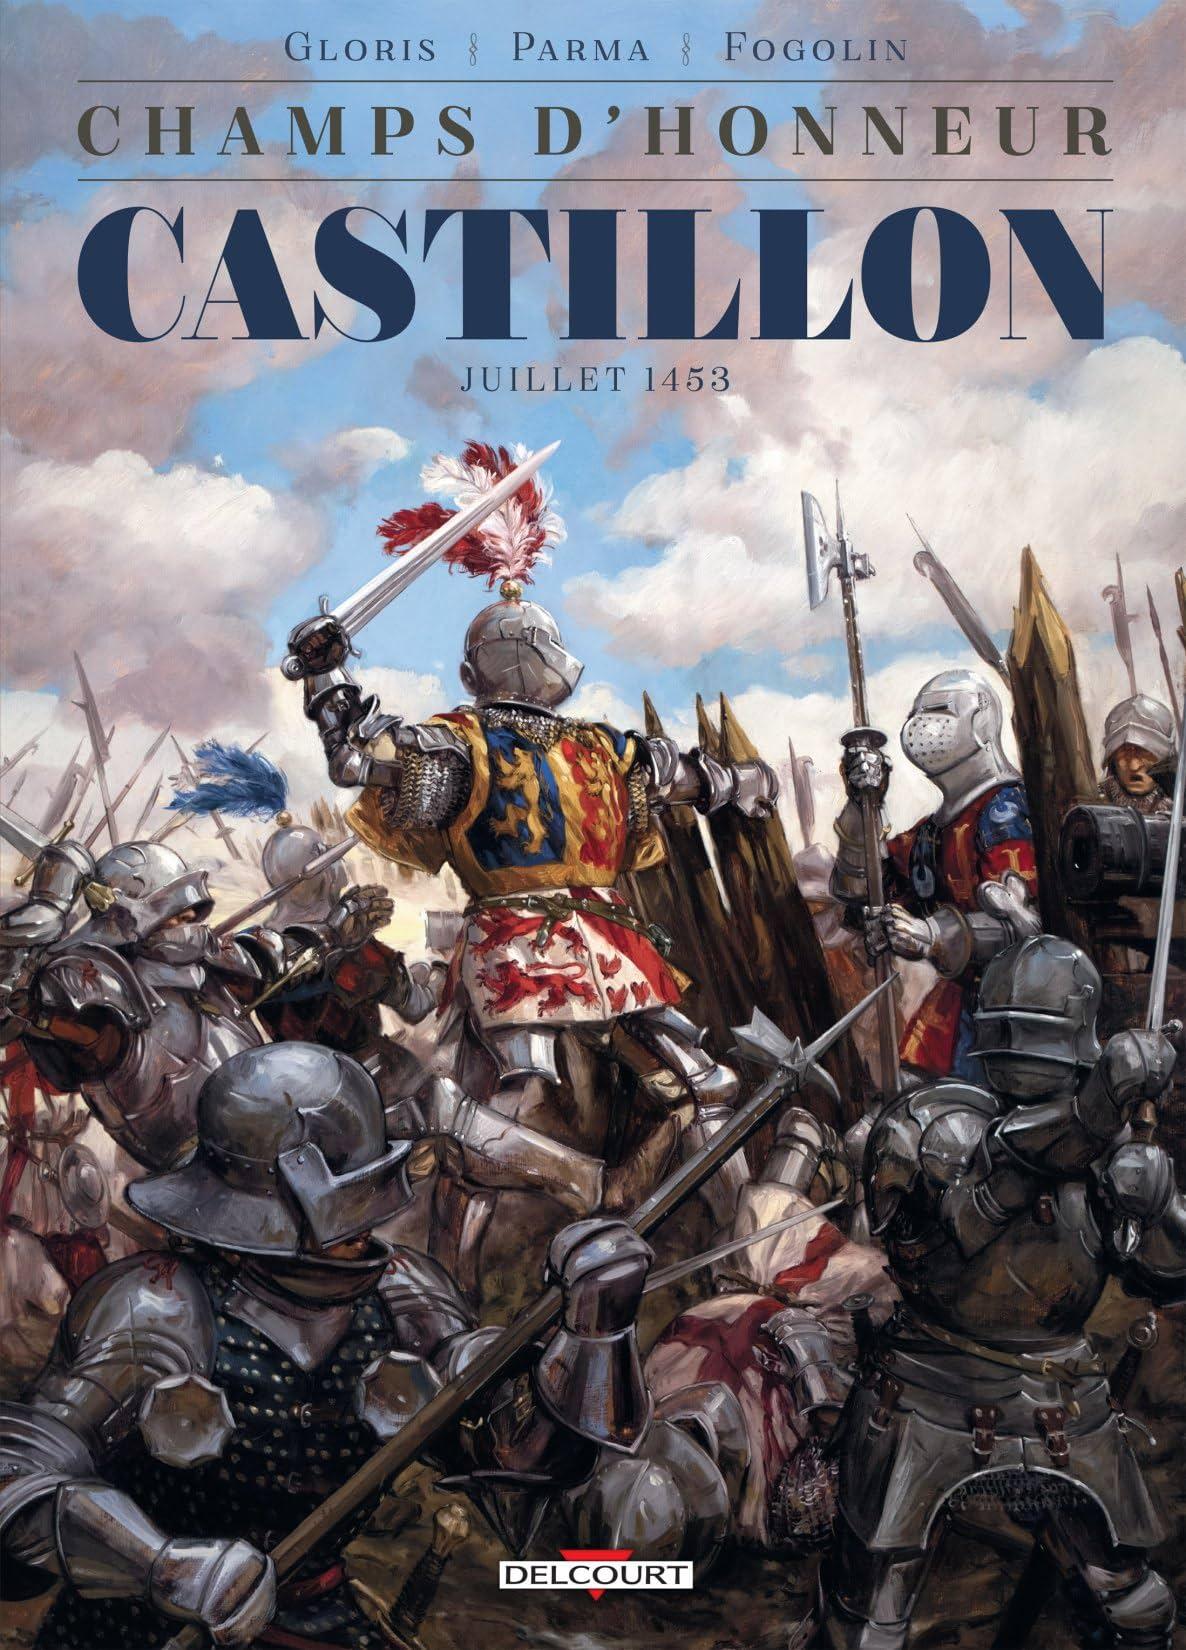 Champs d'honneur: Castillon - Juillet 1453